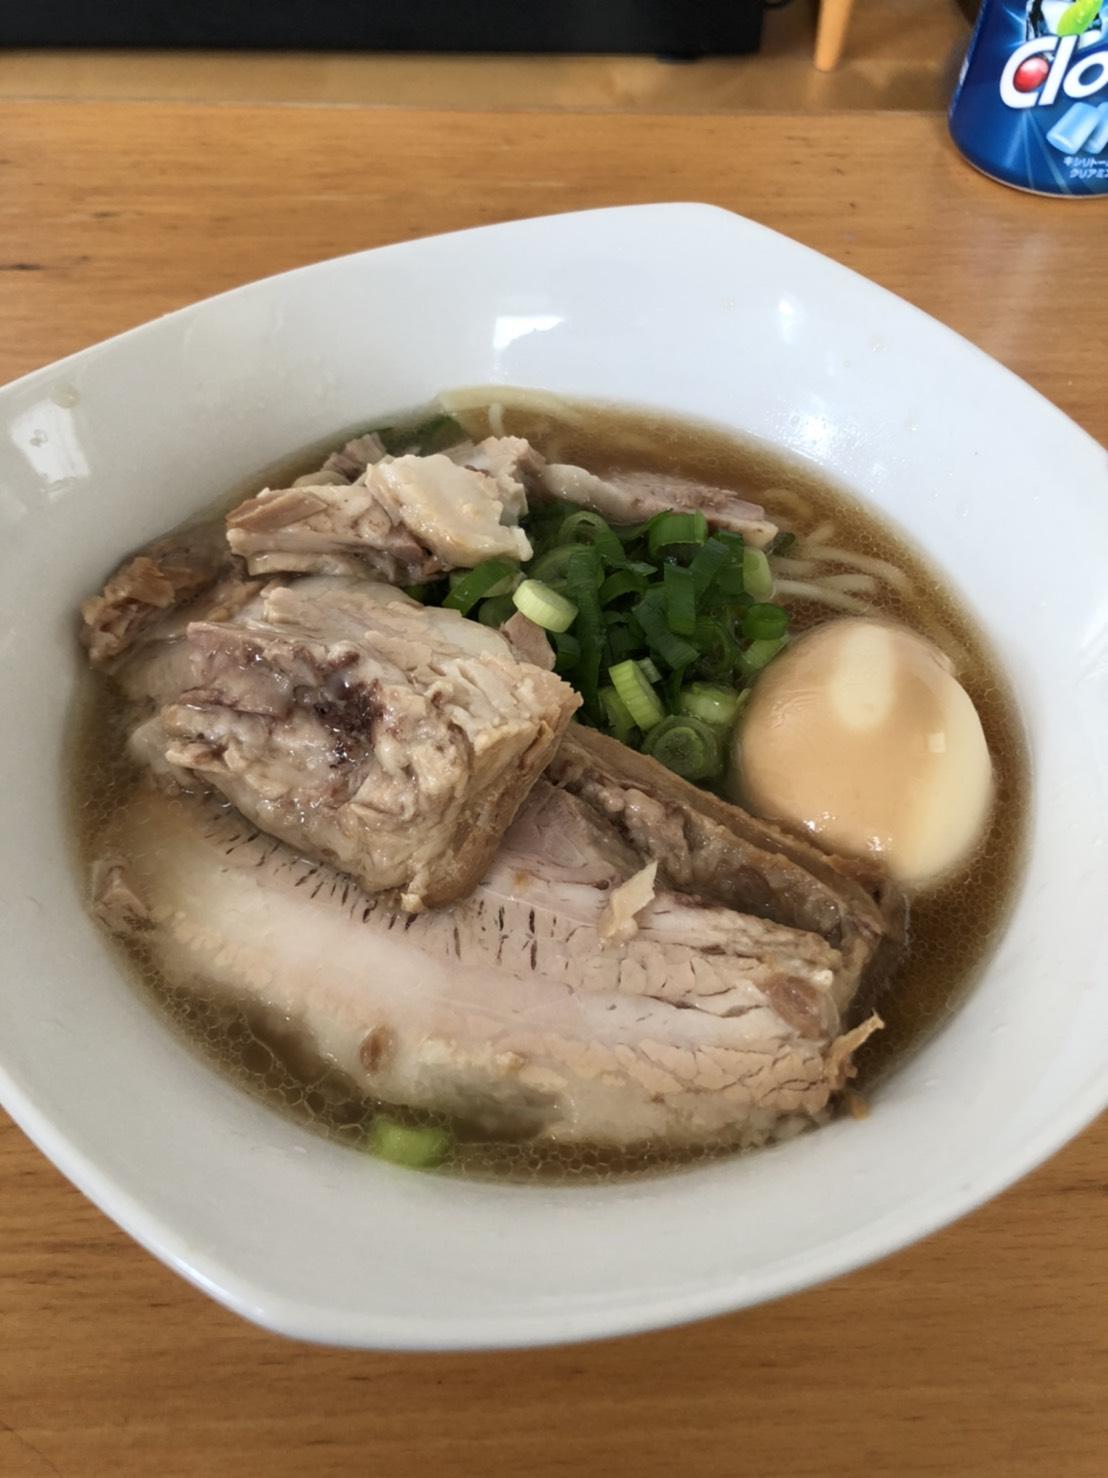 【本格チャーシュー自宅で作る!!】ラーメン屋の完全レシピ